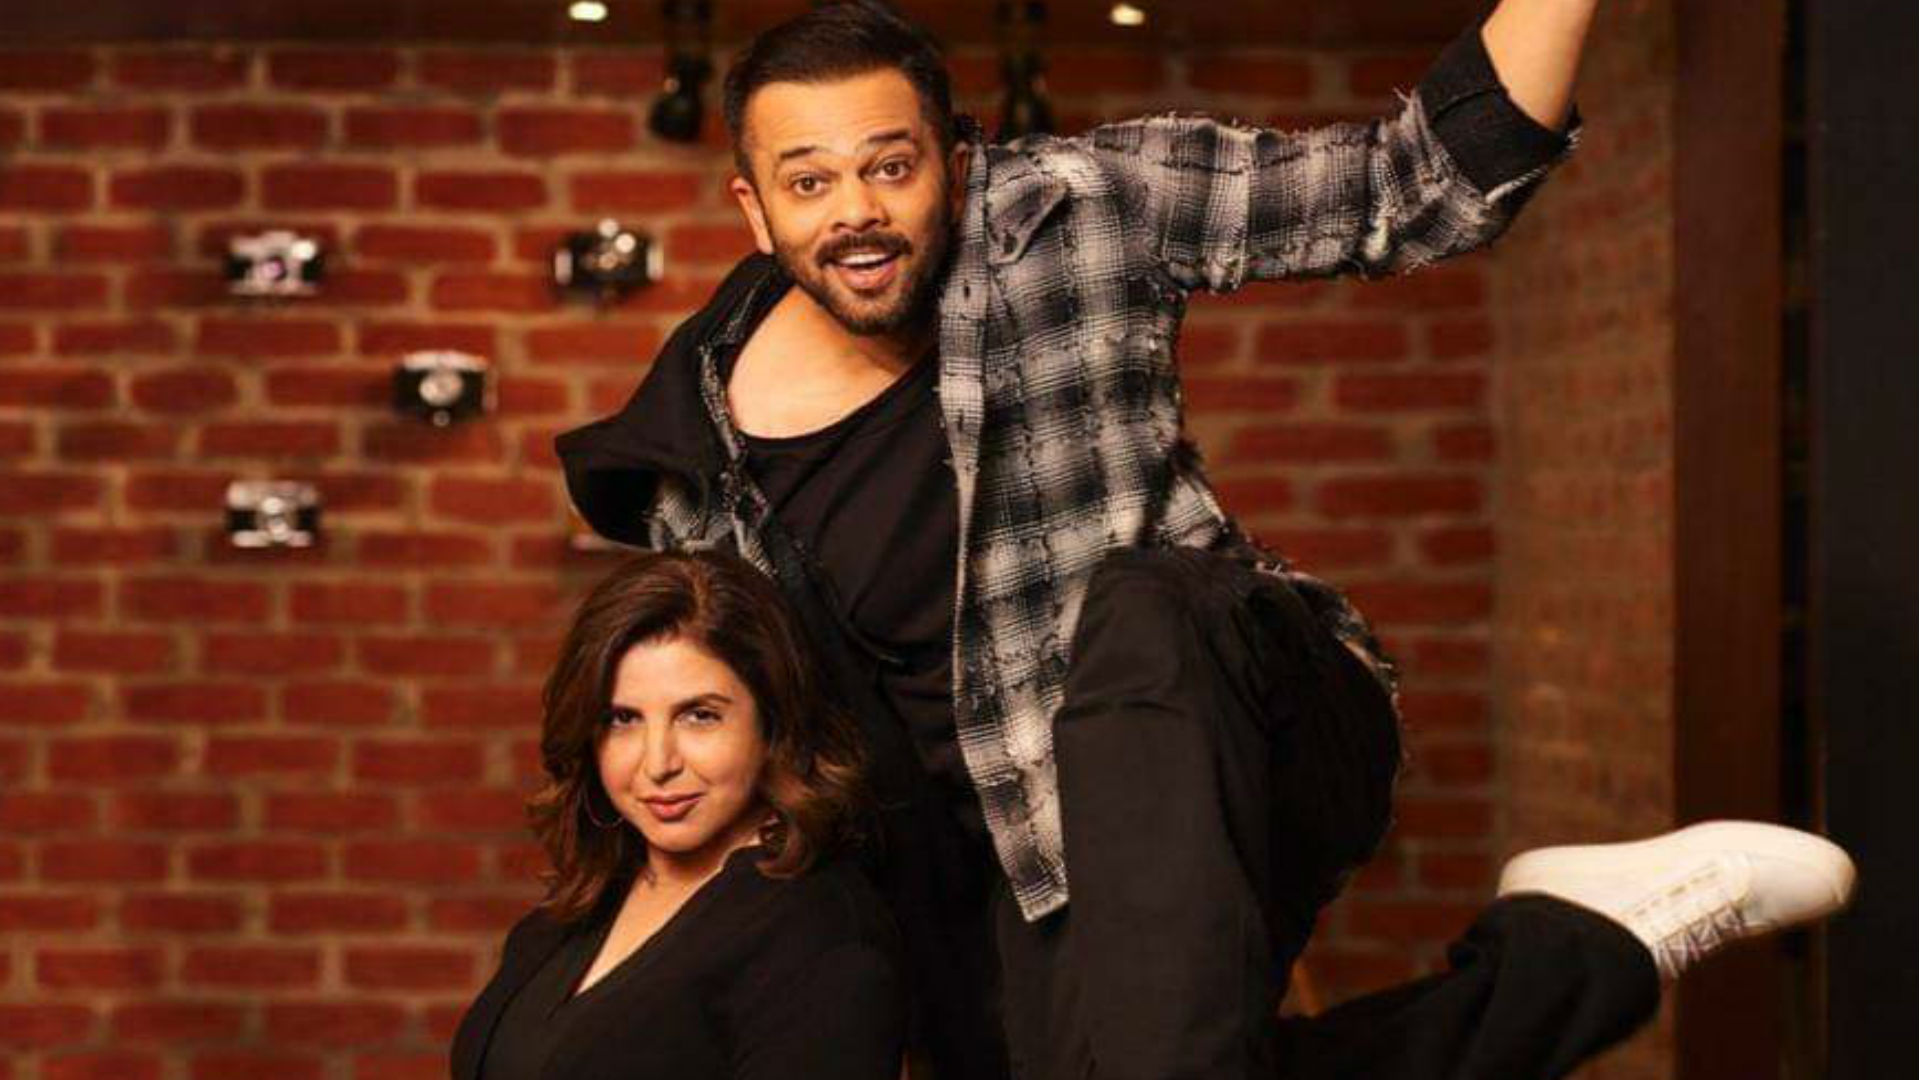 कंफर्म: फराह खान ने रोहित शेट्टी से मिलाया हाथ, इस एक्शन-कॉमेडी फिल्म का करेंगी निर्देशन